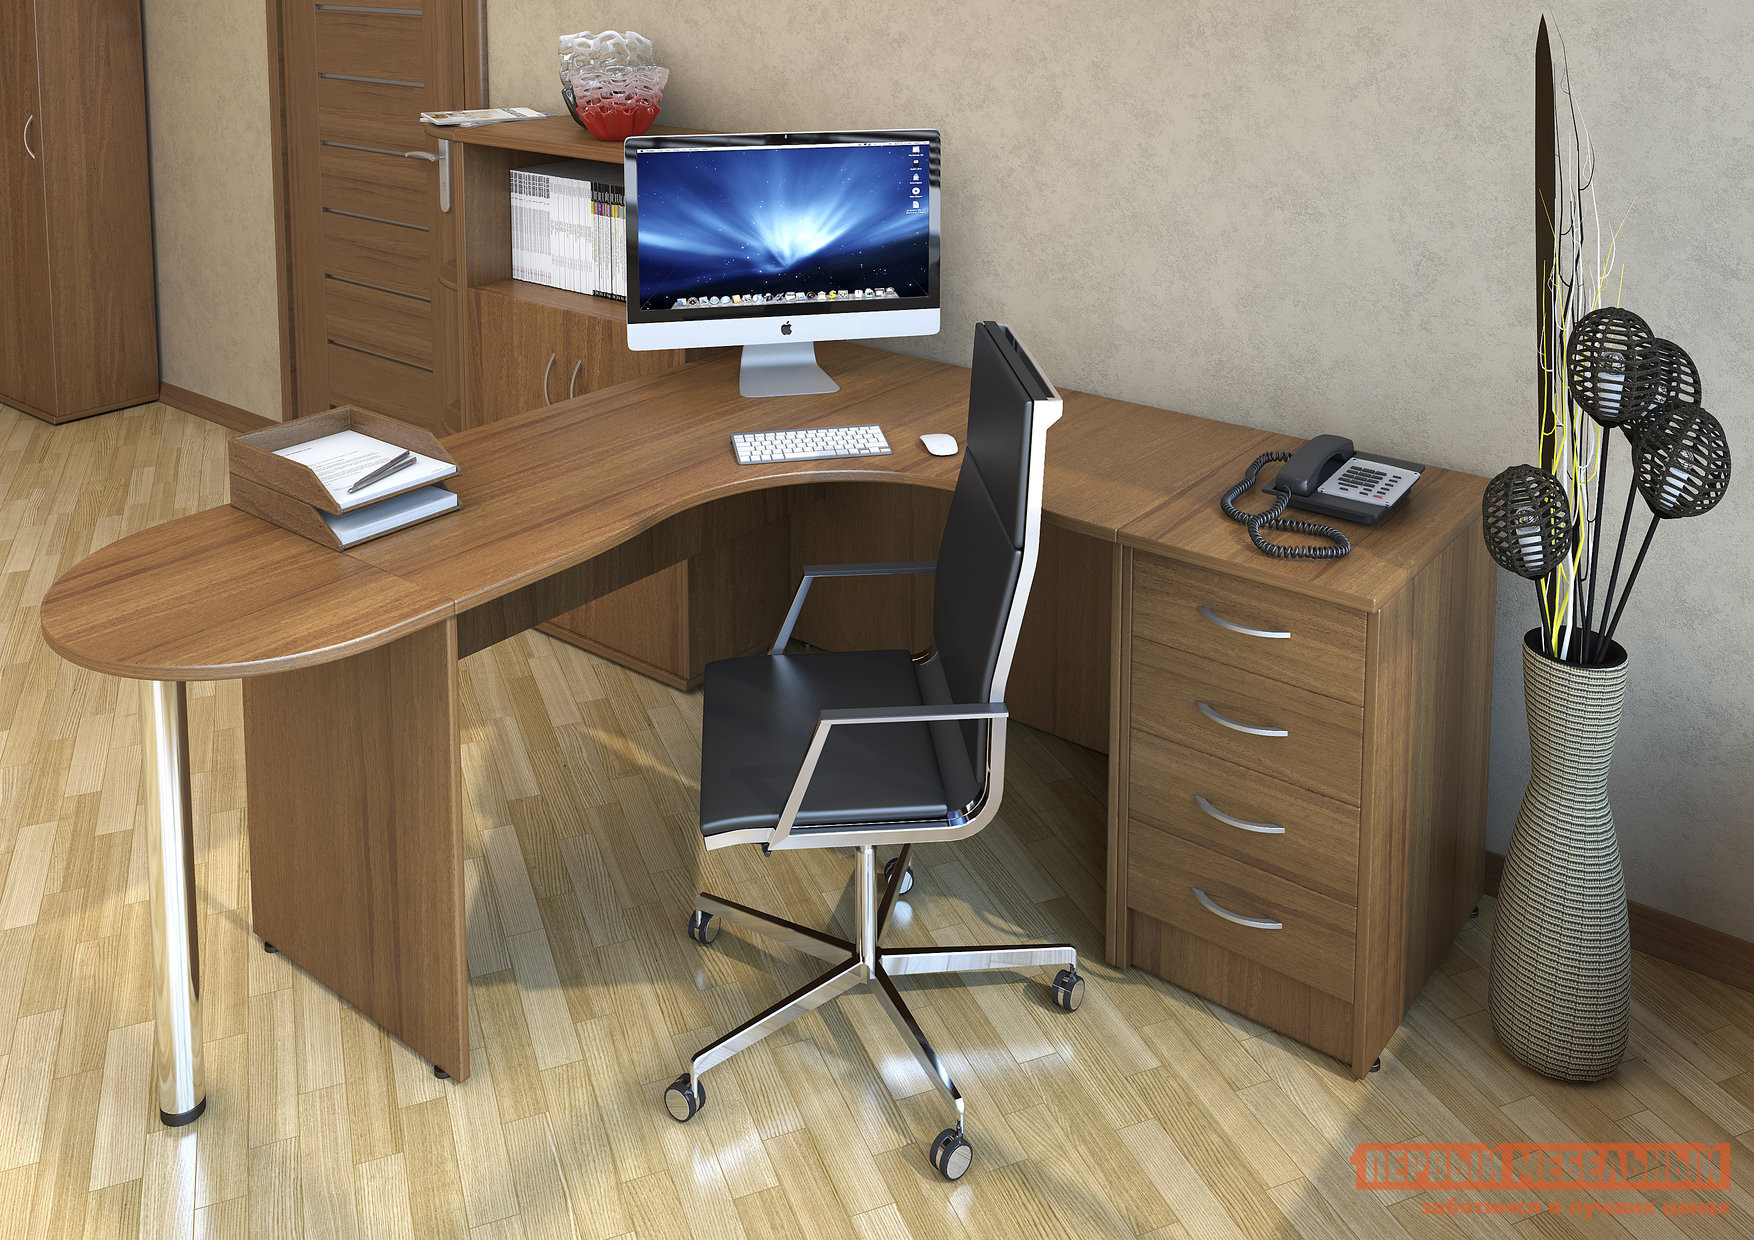 Комплект офисной мебели Riva Рива К5 комплект офисной мебели riva рива ресепшн к1